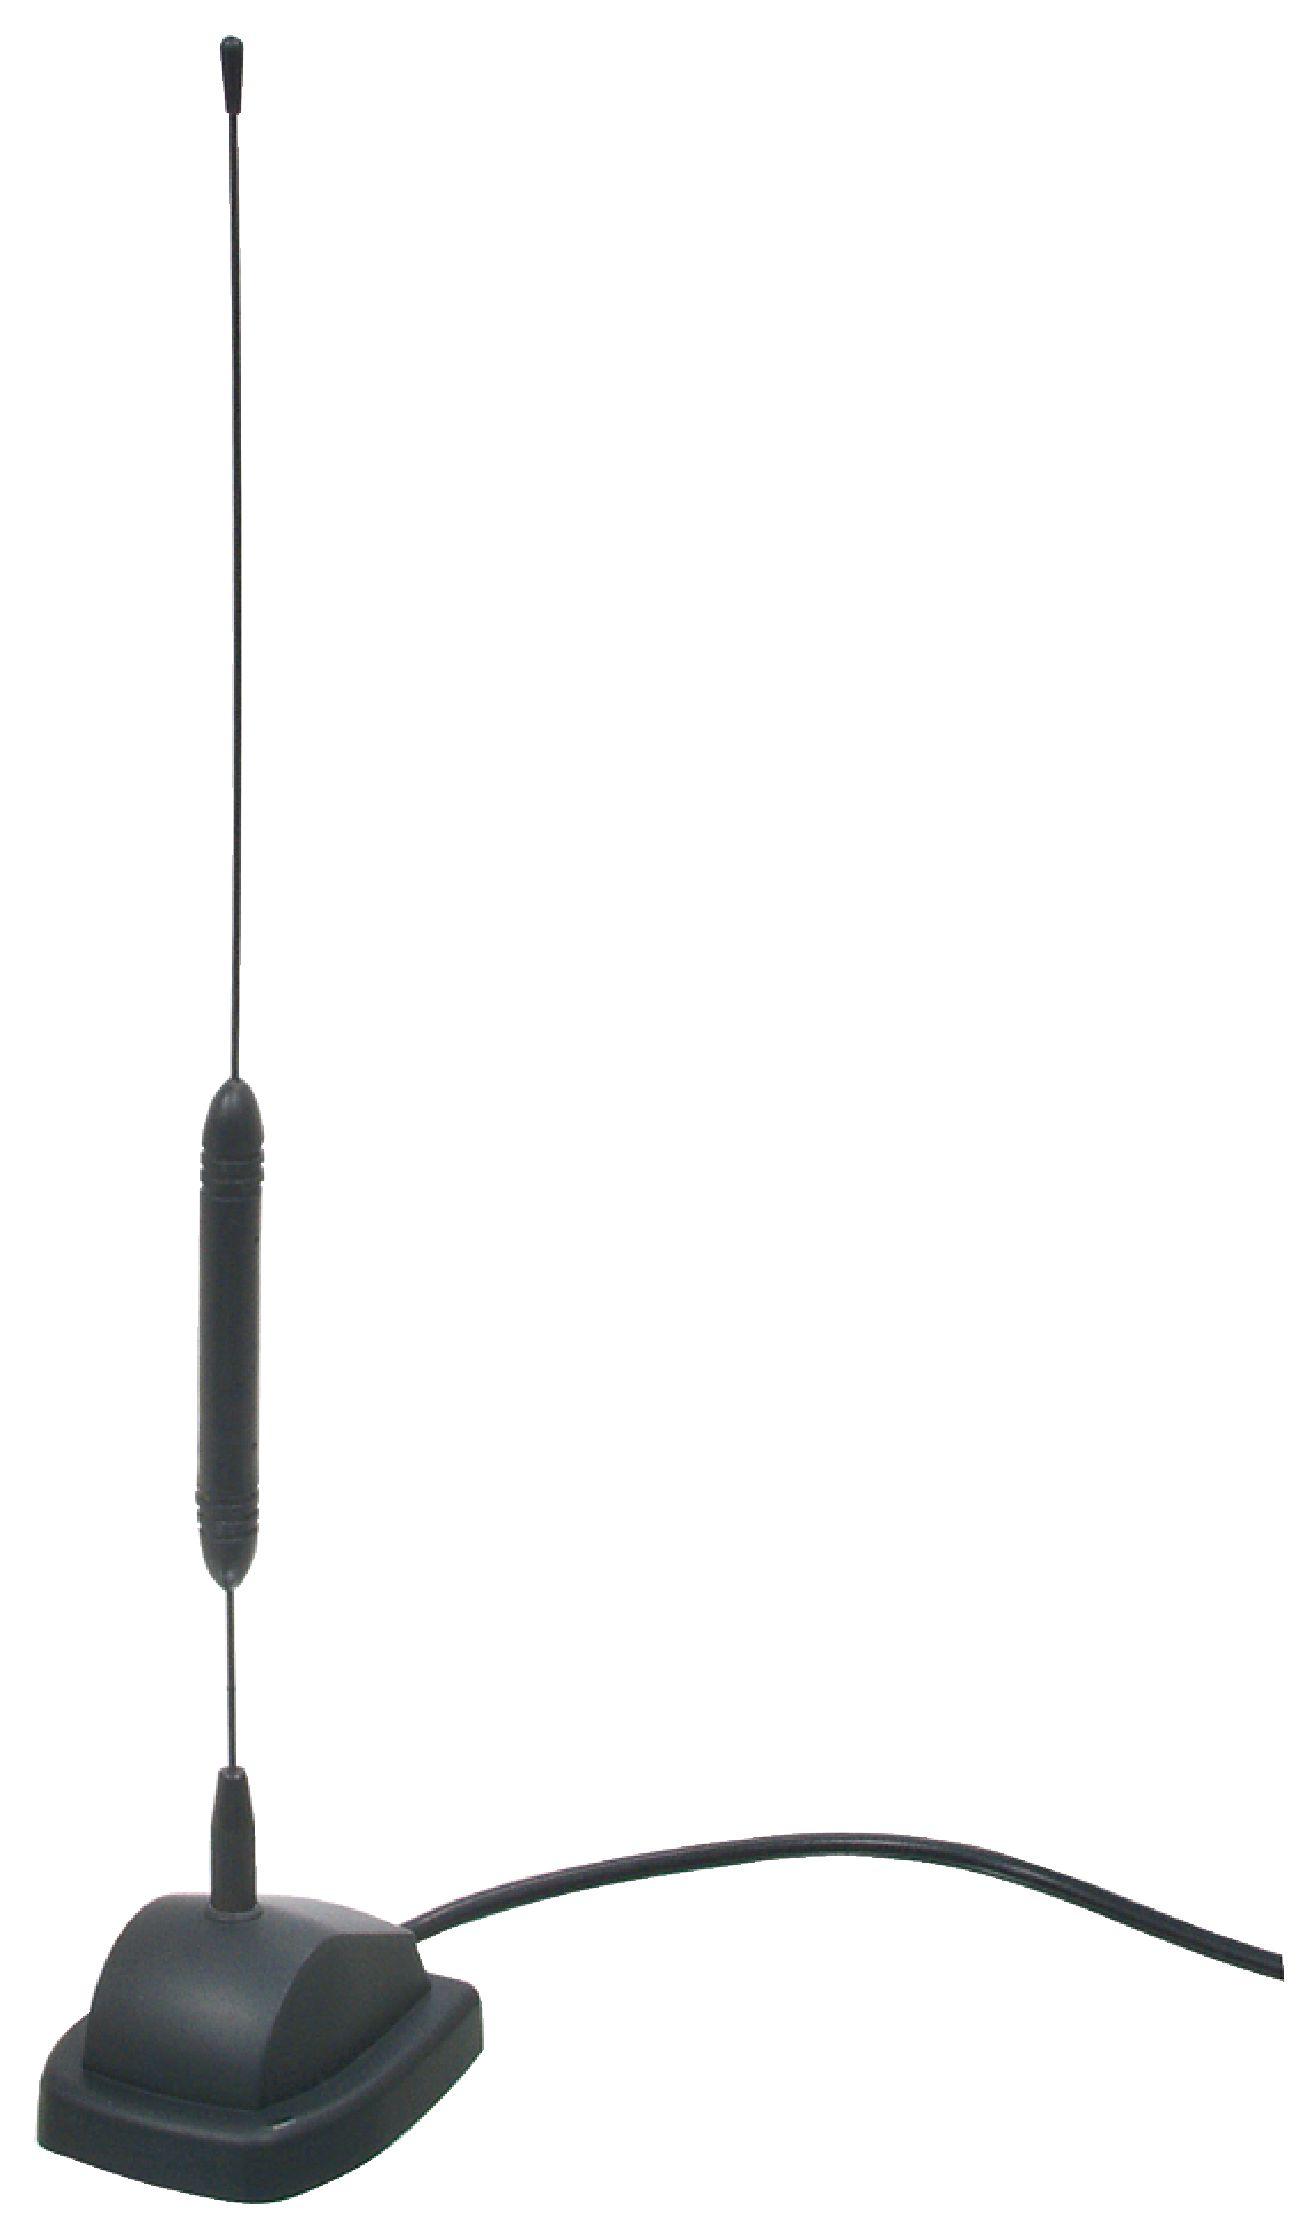 Anténa pokojová DVB-T/T2 se zesilovačem 18 dB KN-DVBT-IN10